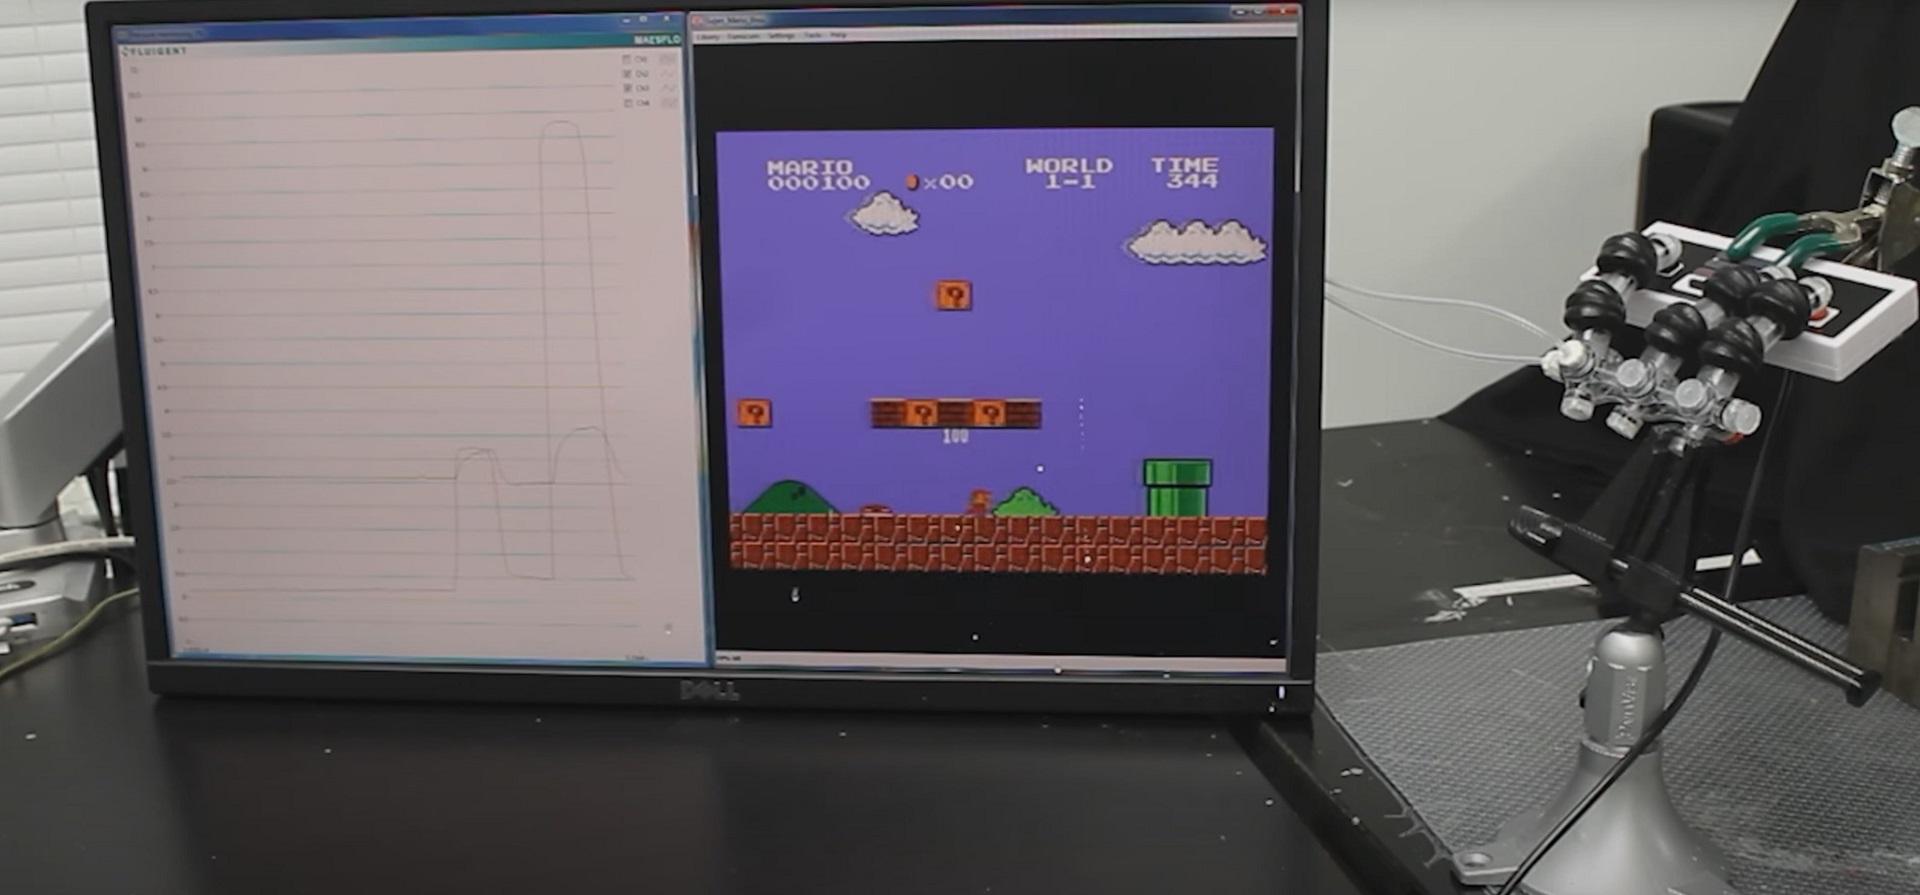 Roboterhand spielt Super Mario Bros.